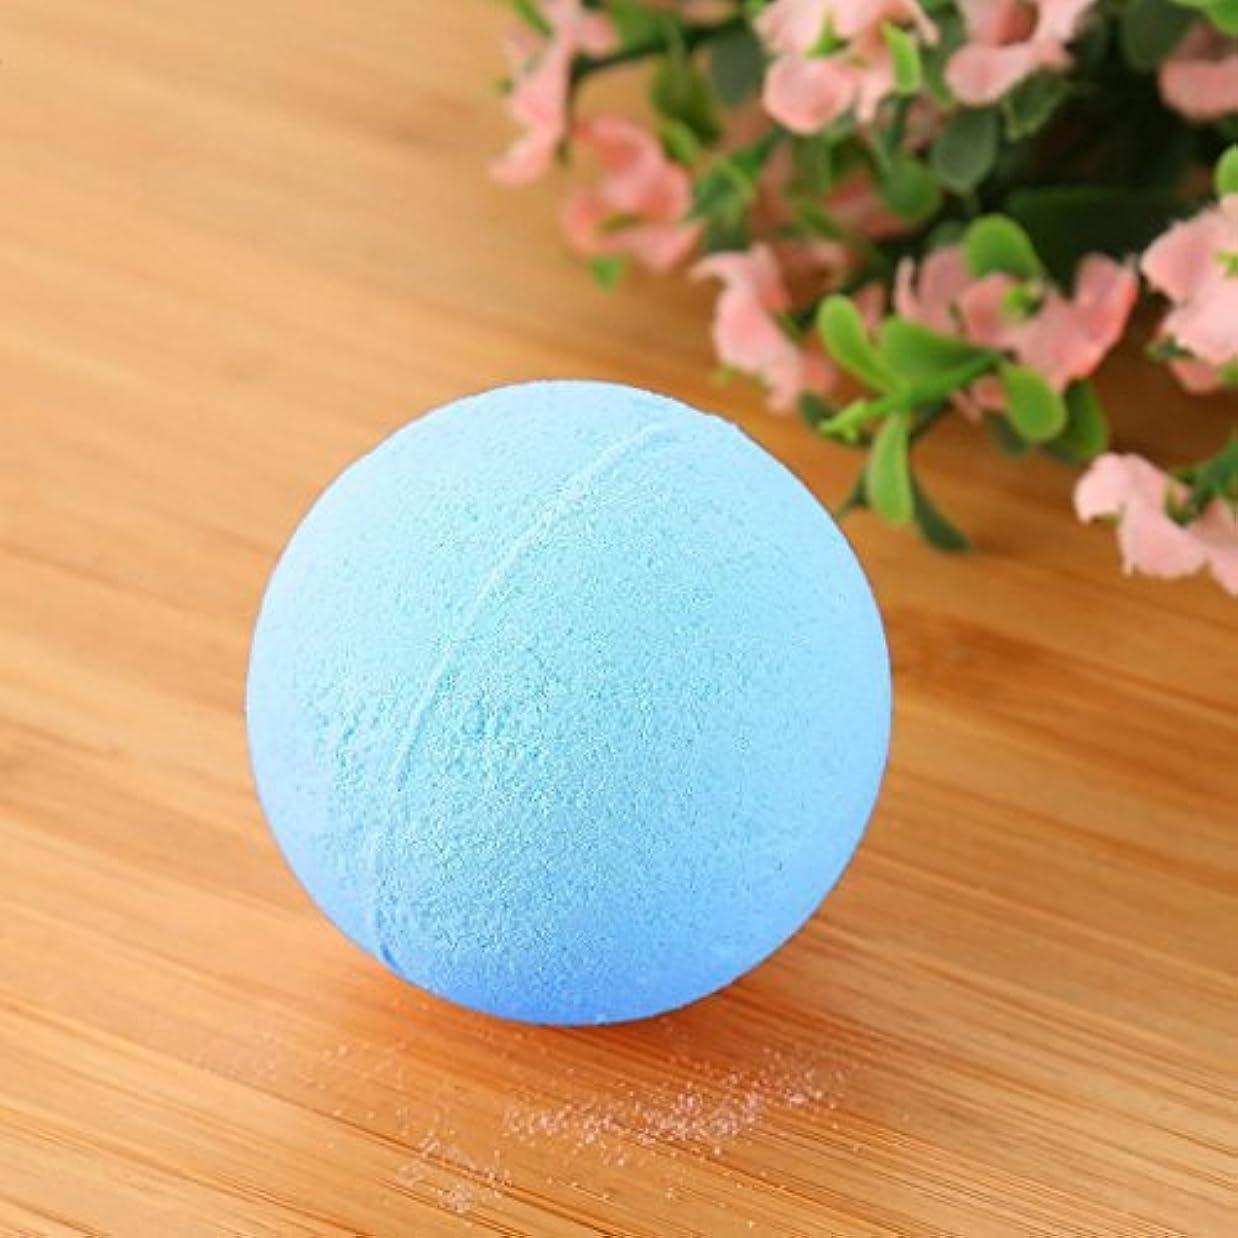 突っ込むゾーン大洪水バブル塩風呂の贈り物のためにボールをリラックスした女性の塩